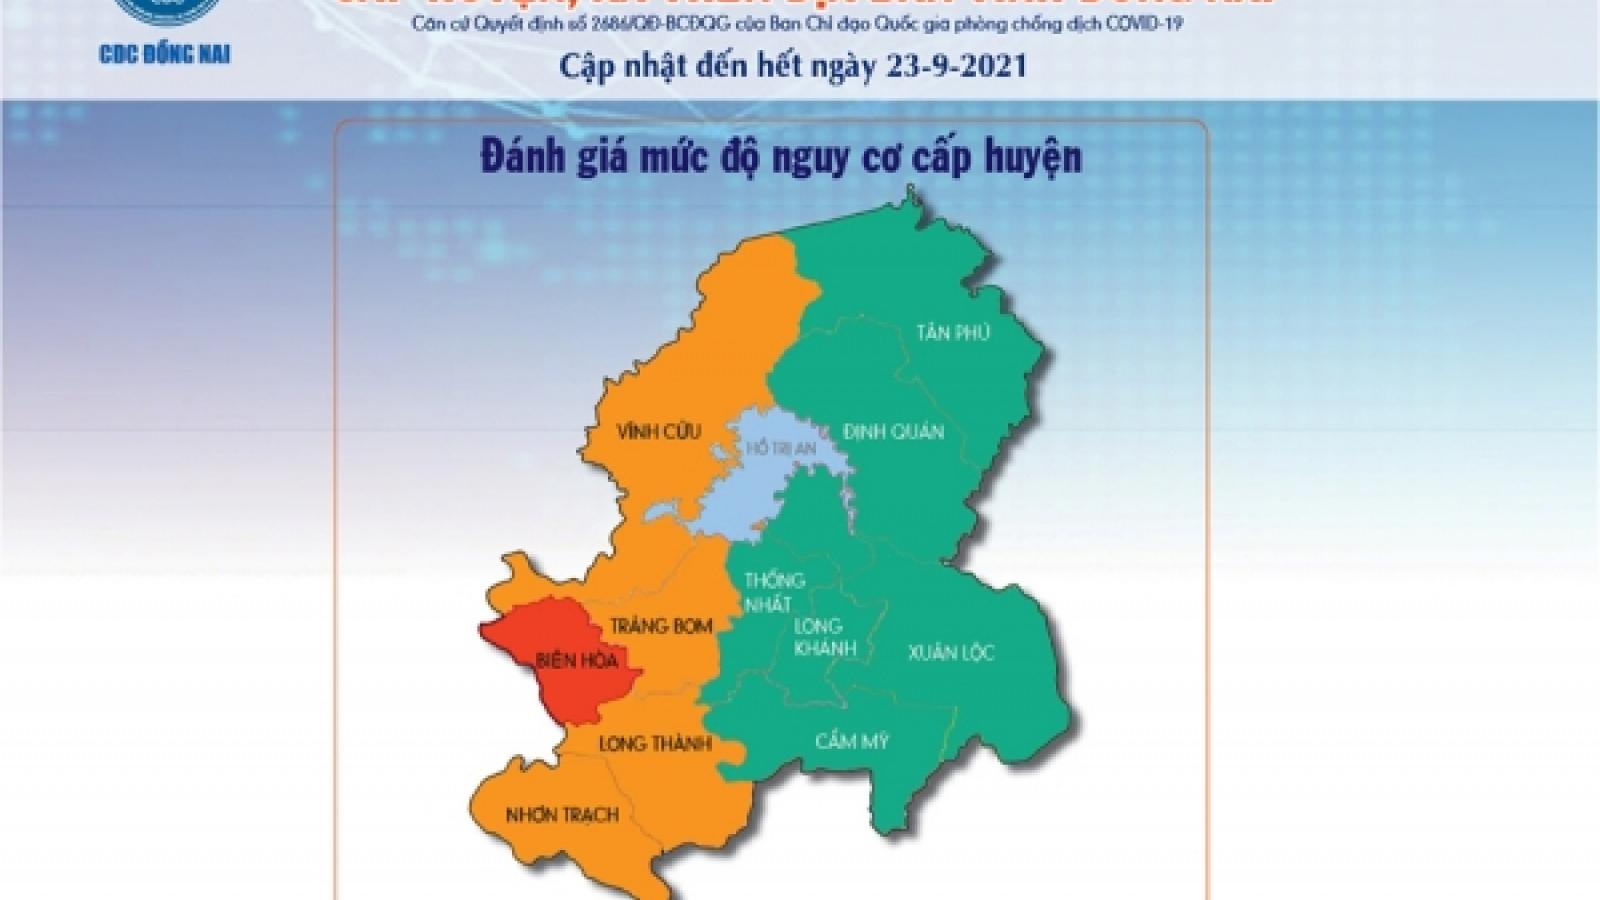 Đồng Nai có 6 huyện, thành phố trong trạng thái bình thường mới